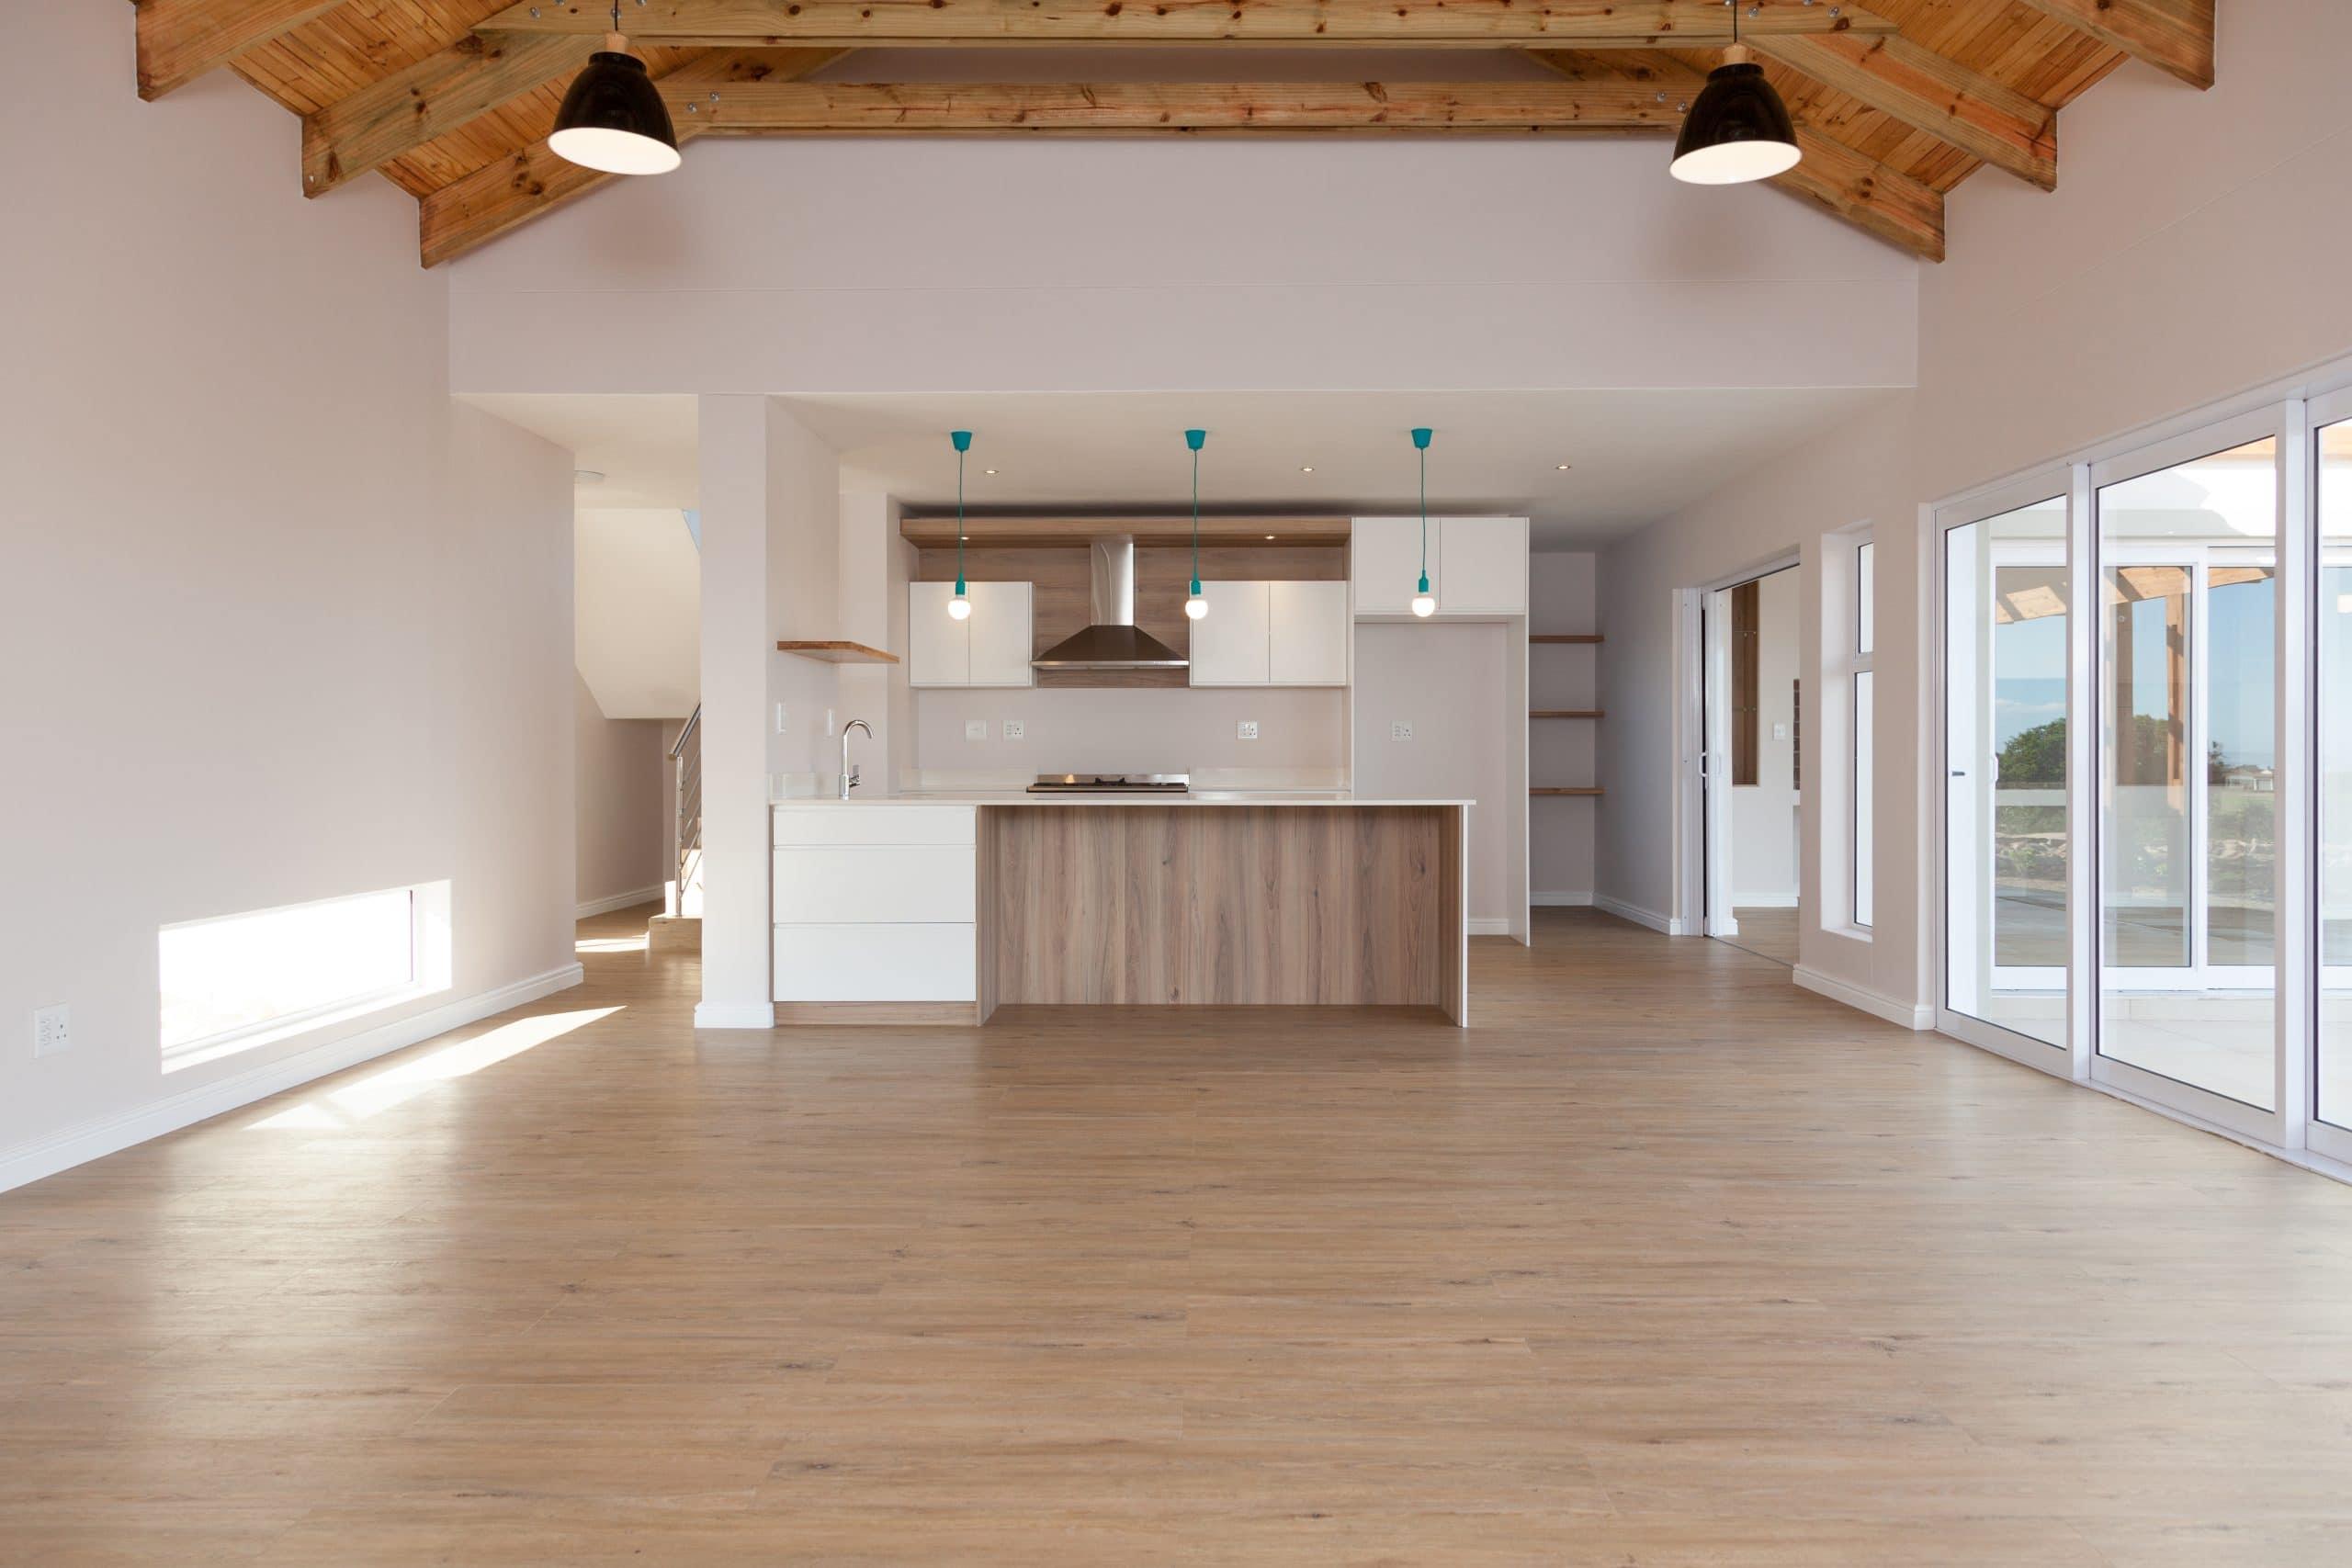 wooden flooring exposed open trusses Scandinavian designed kitchen living room